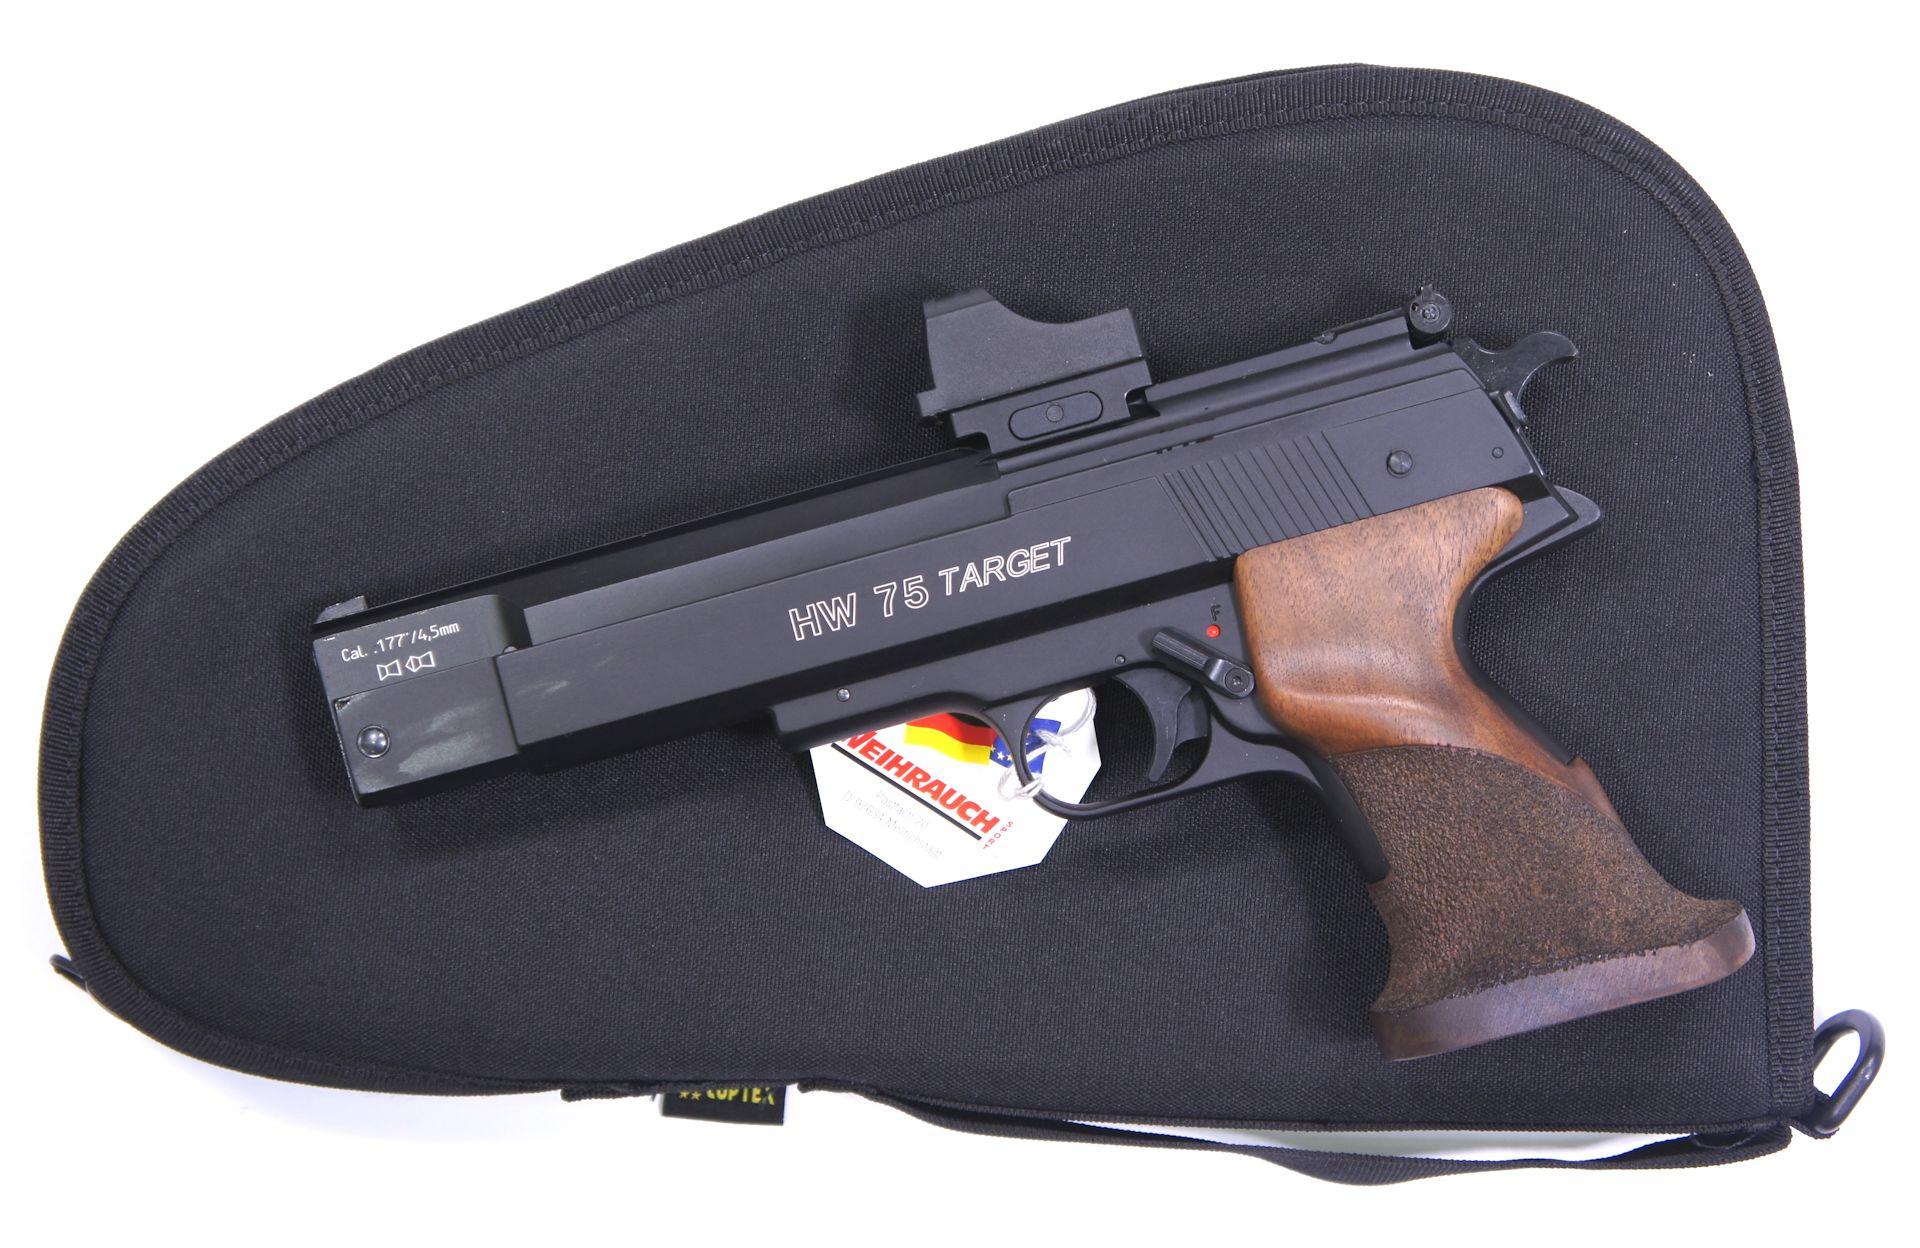 Als Zubehör für die Luftpistole HW 75 Target kann ich Ihnen so ein <a href=1130221.htm>Leuchtpunktvisier der Marke UTG</a> und <a href=1340088.htm> solche praktische Tasche </a> für Aufbewahrung und Transport anbieten. Die Tasche wäre mittels Vorhängeschloss abschließbar.